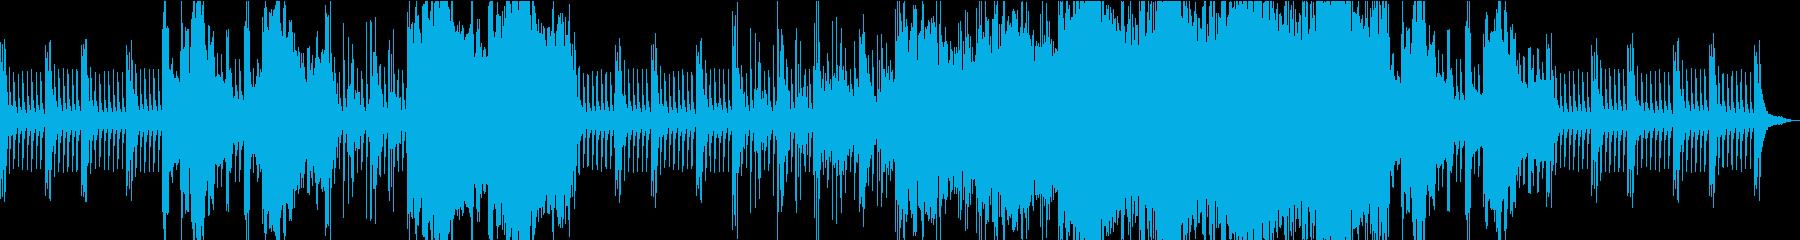 二胡の音色が神秘的で幻想的な美しい曲の再生済みの波形